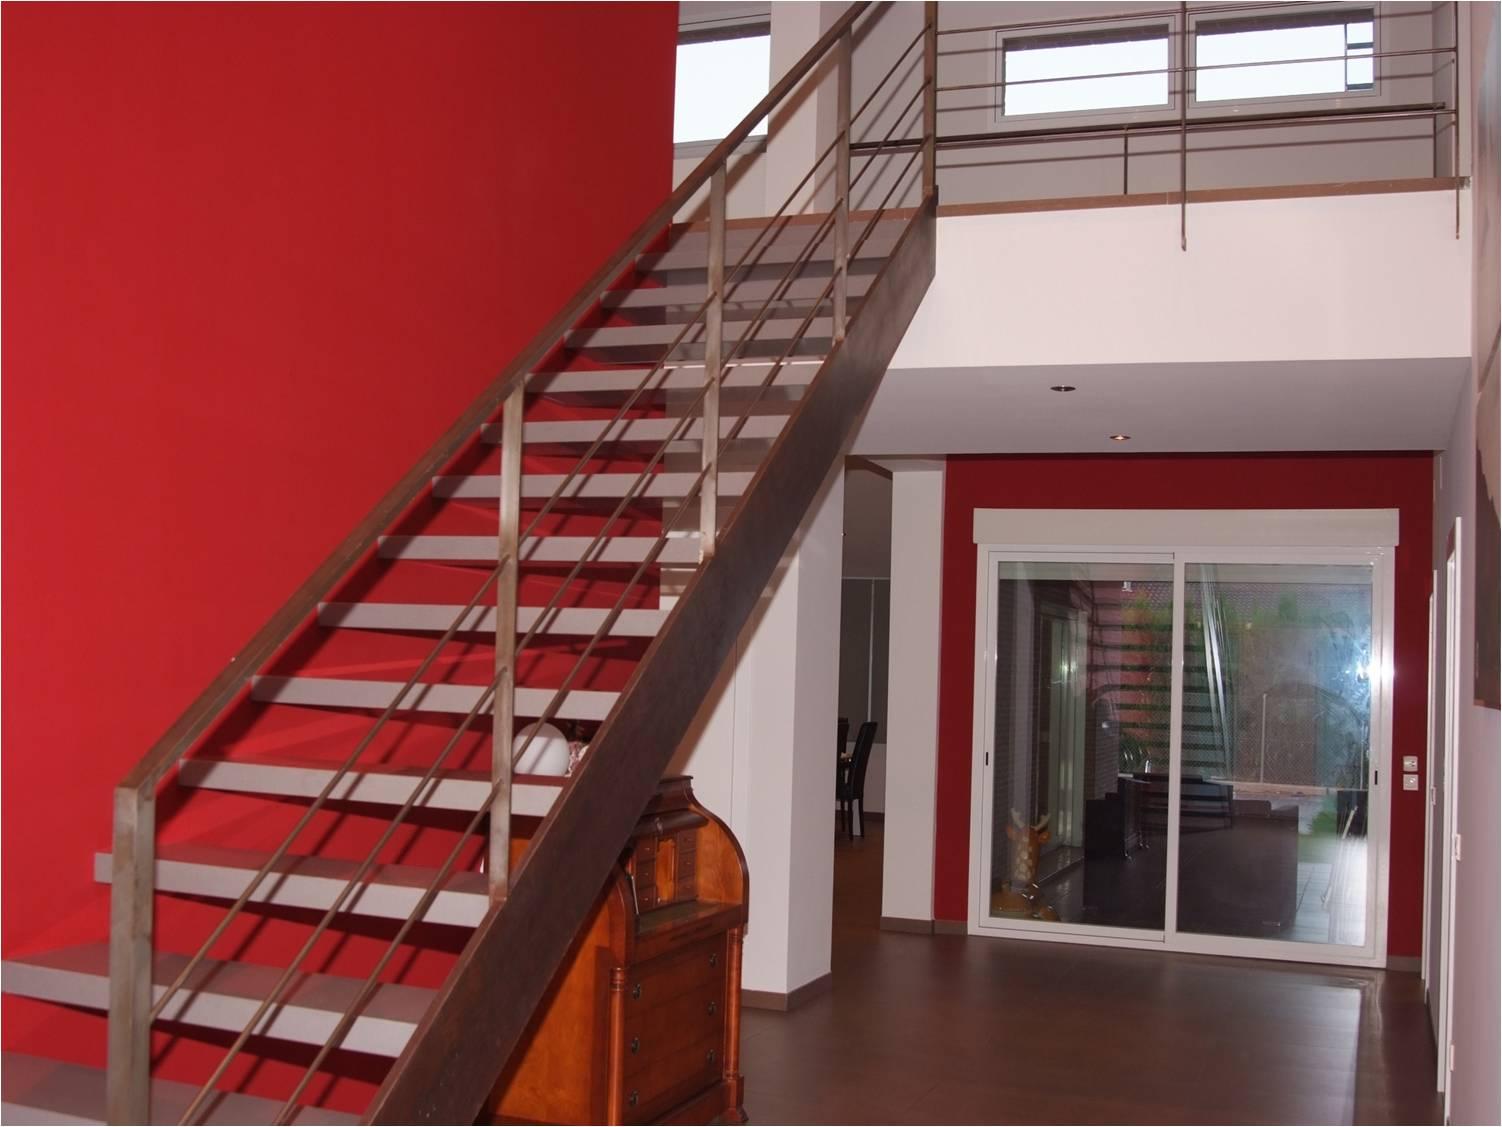 Dise o de escaleras maxalto - Escaleras de diseno ...